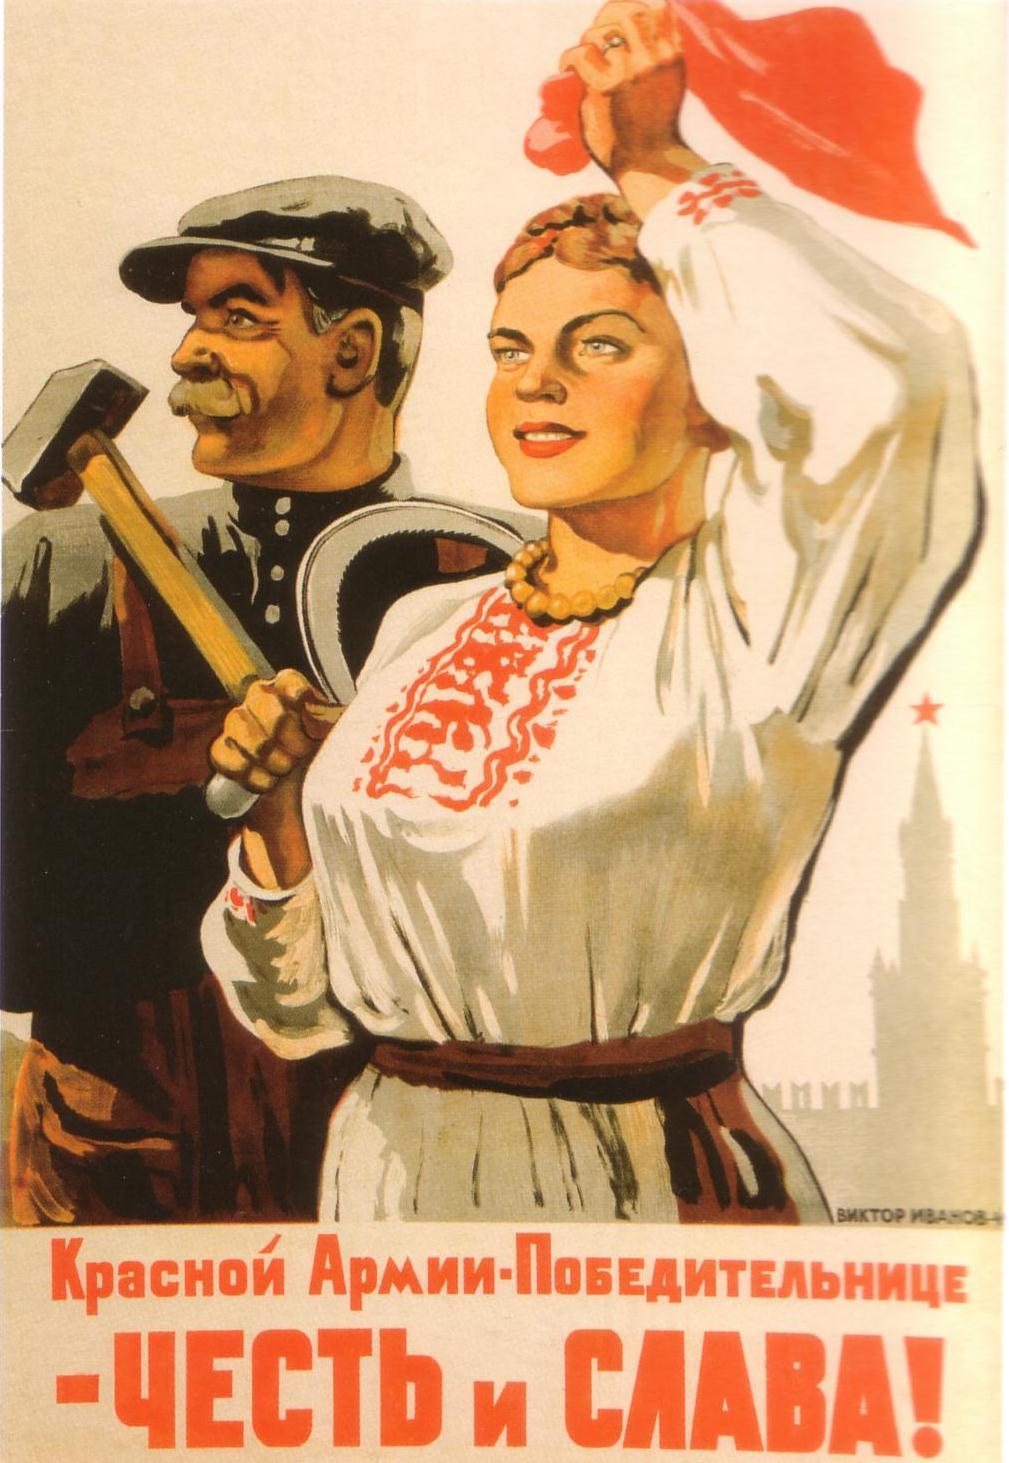 Красной Армии-Победительнице — честь и слава! Автор: В. Иванов Год: 1944